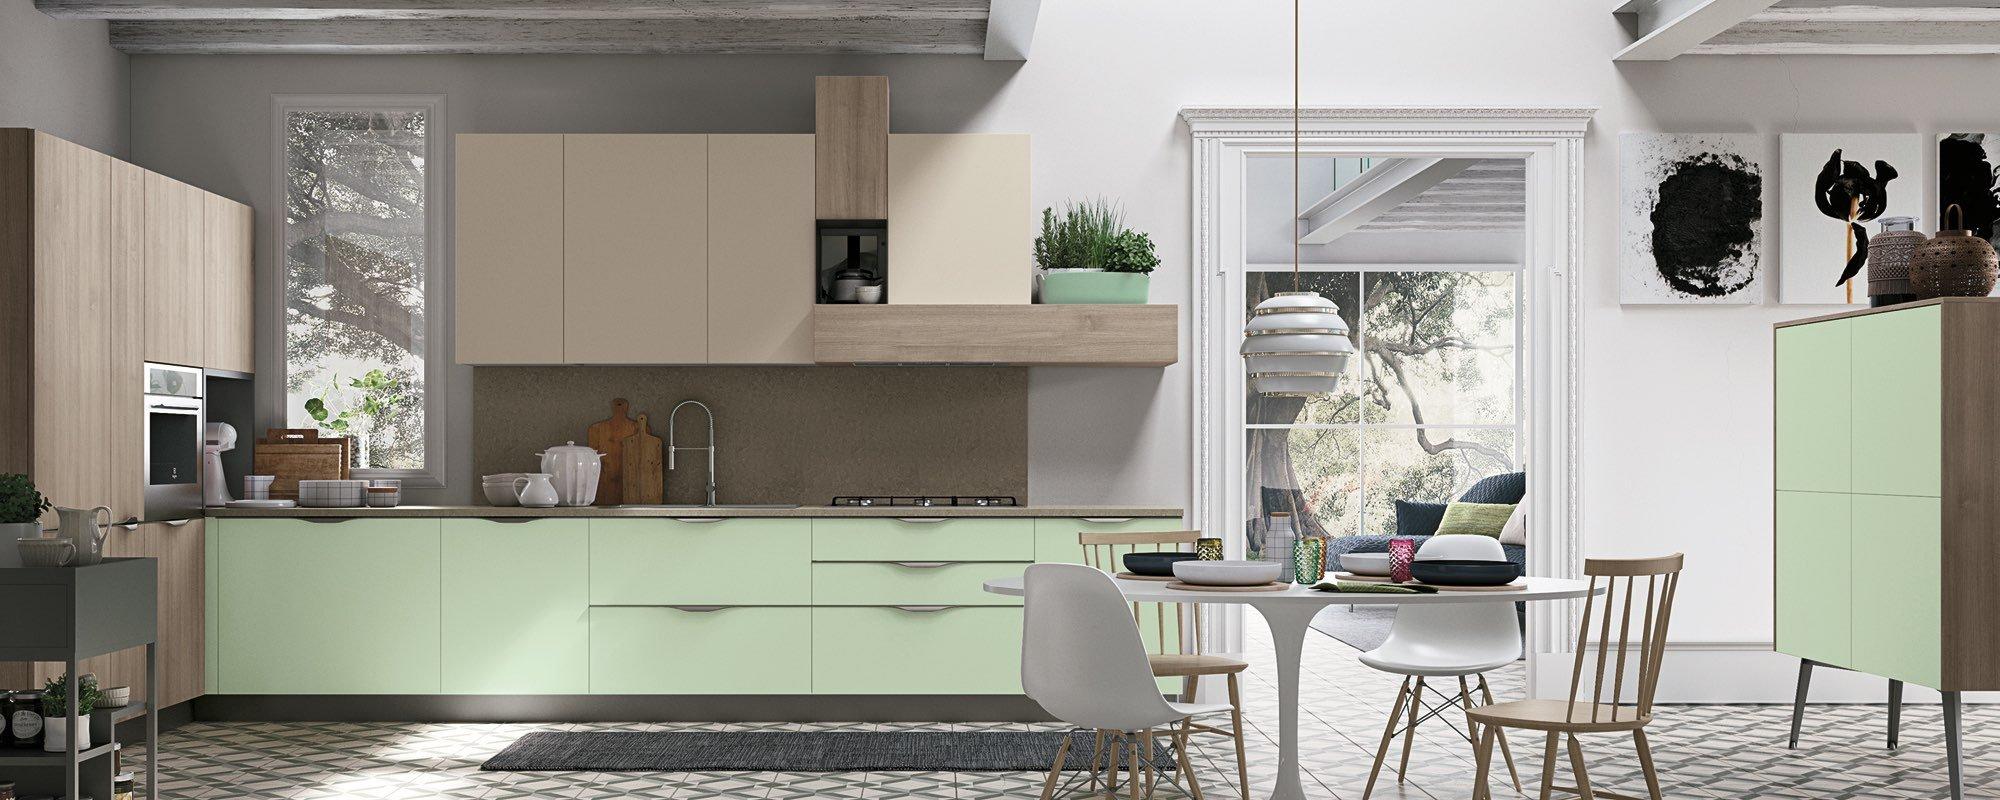 soggiorno moderna con la cucina verde moderna  -Maya